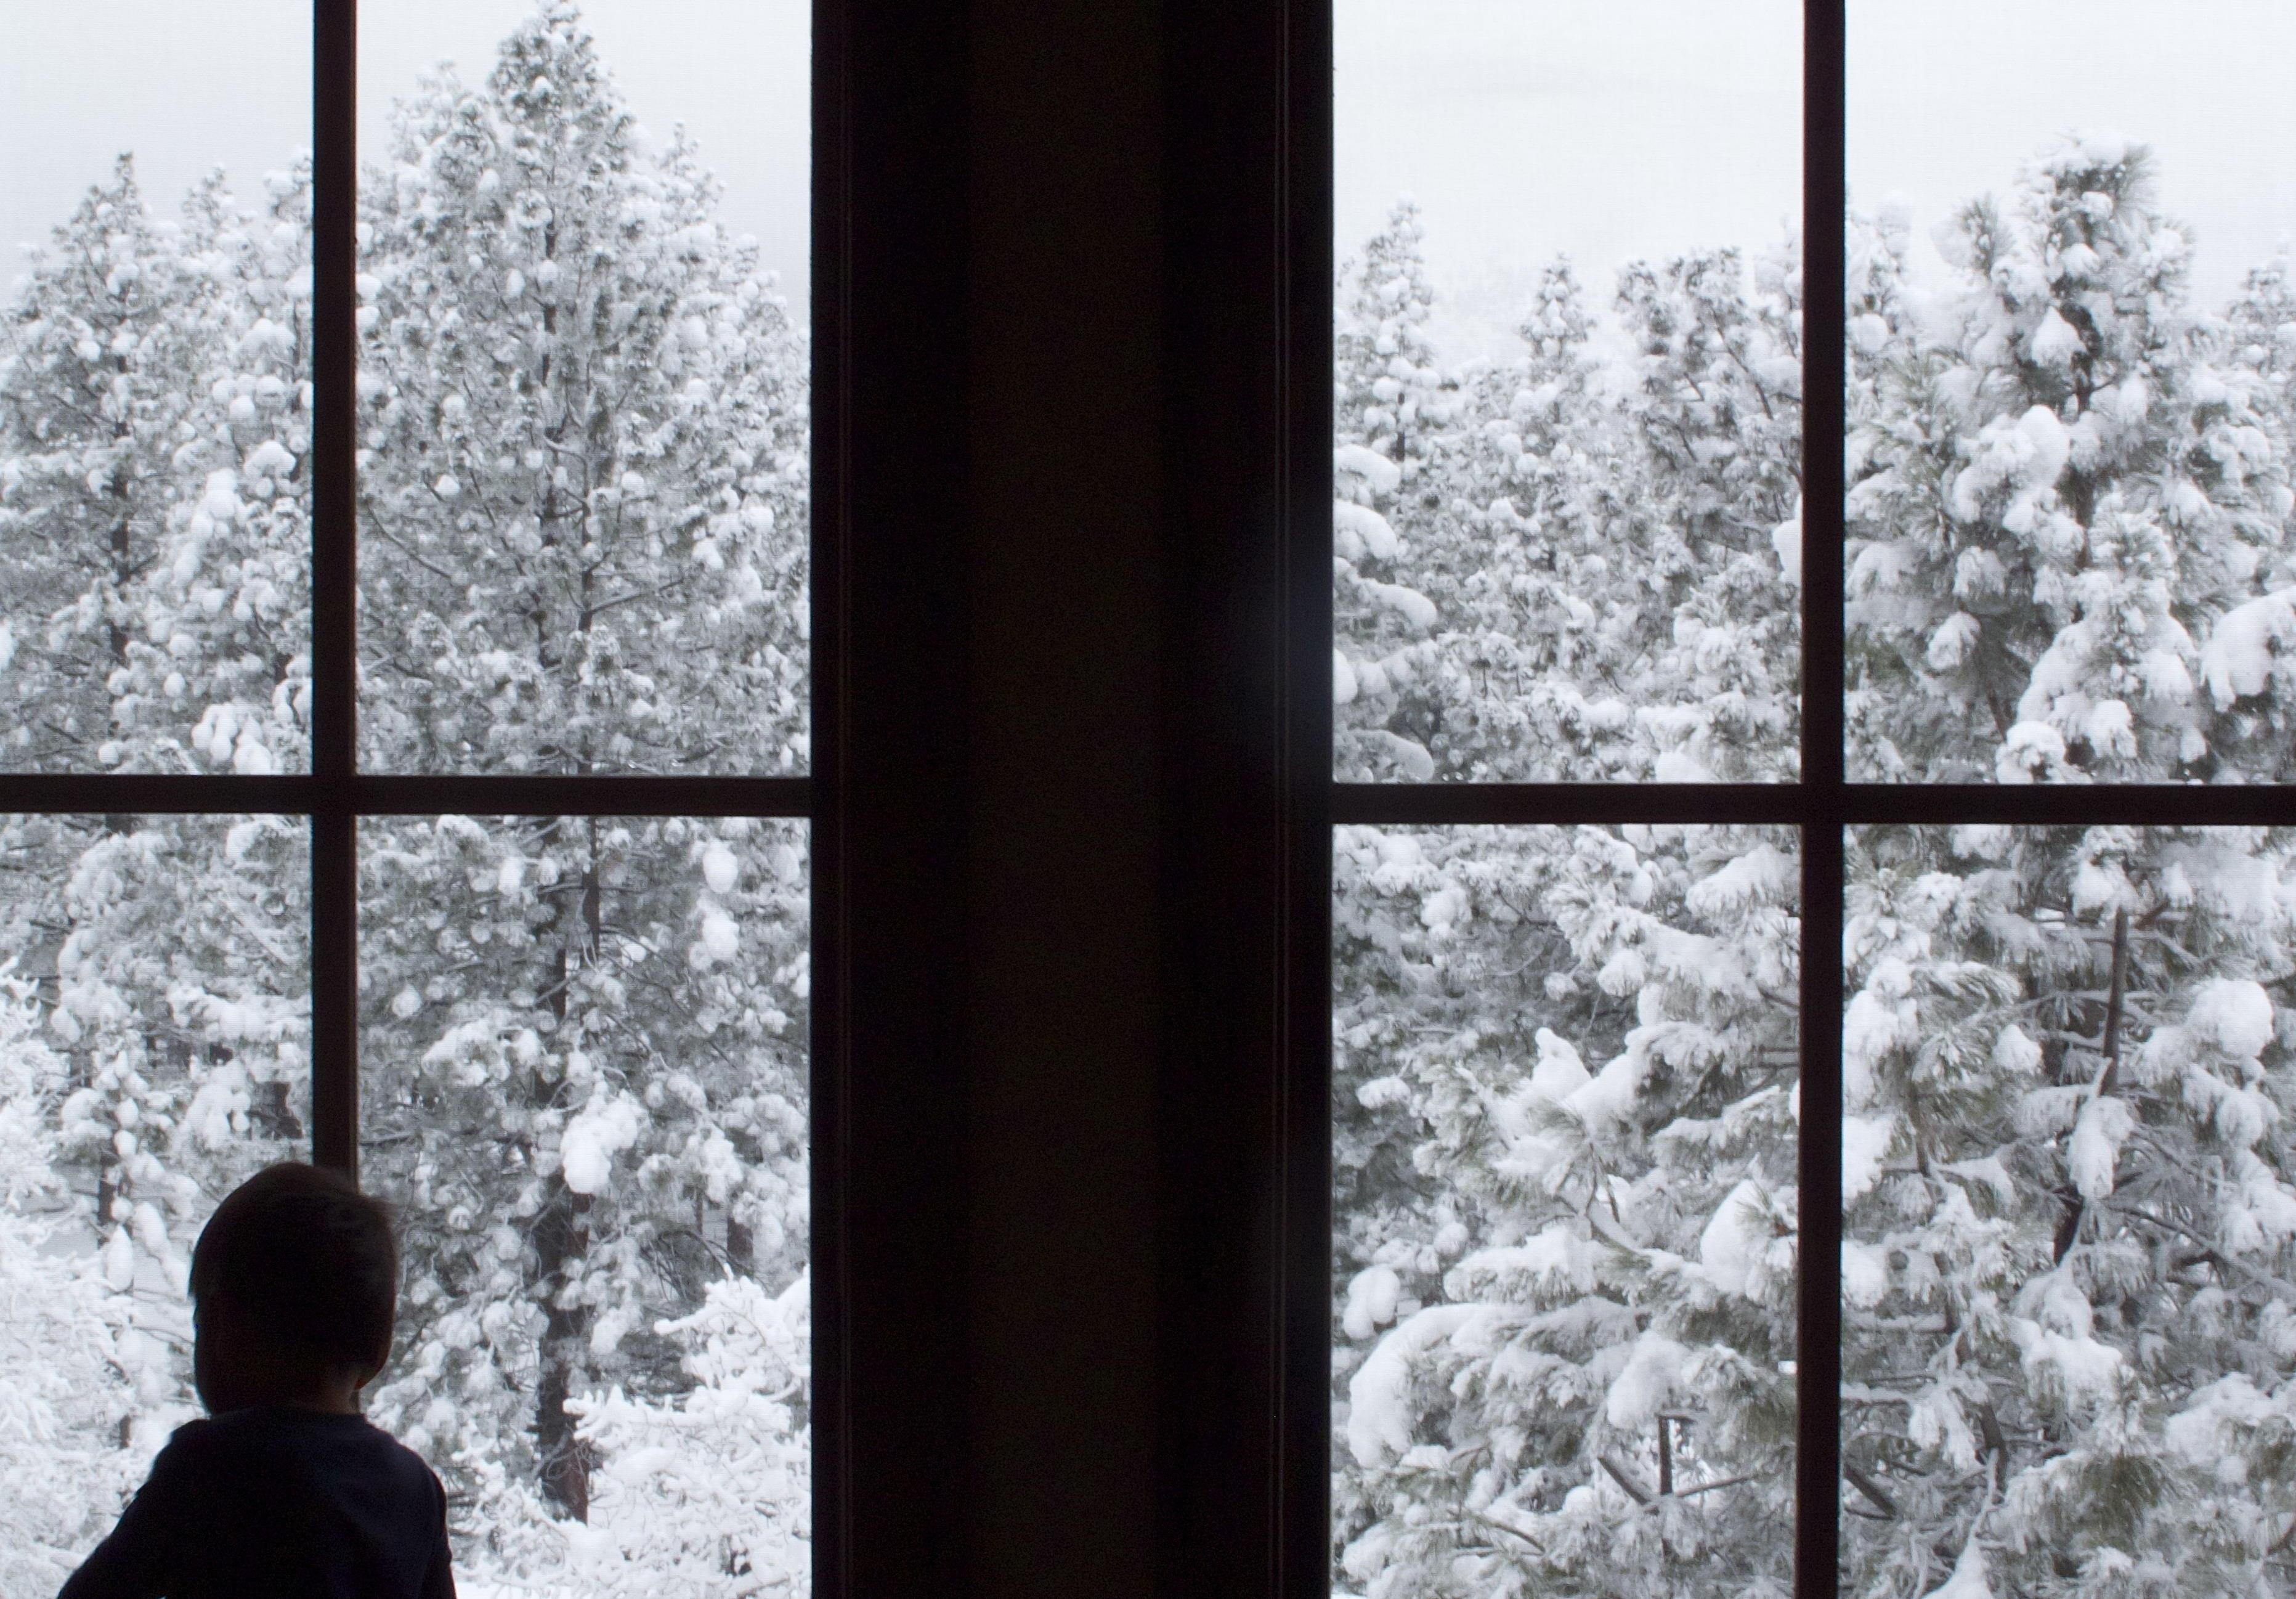 фото фото бегут деревья за окном разрезаем